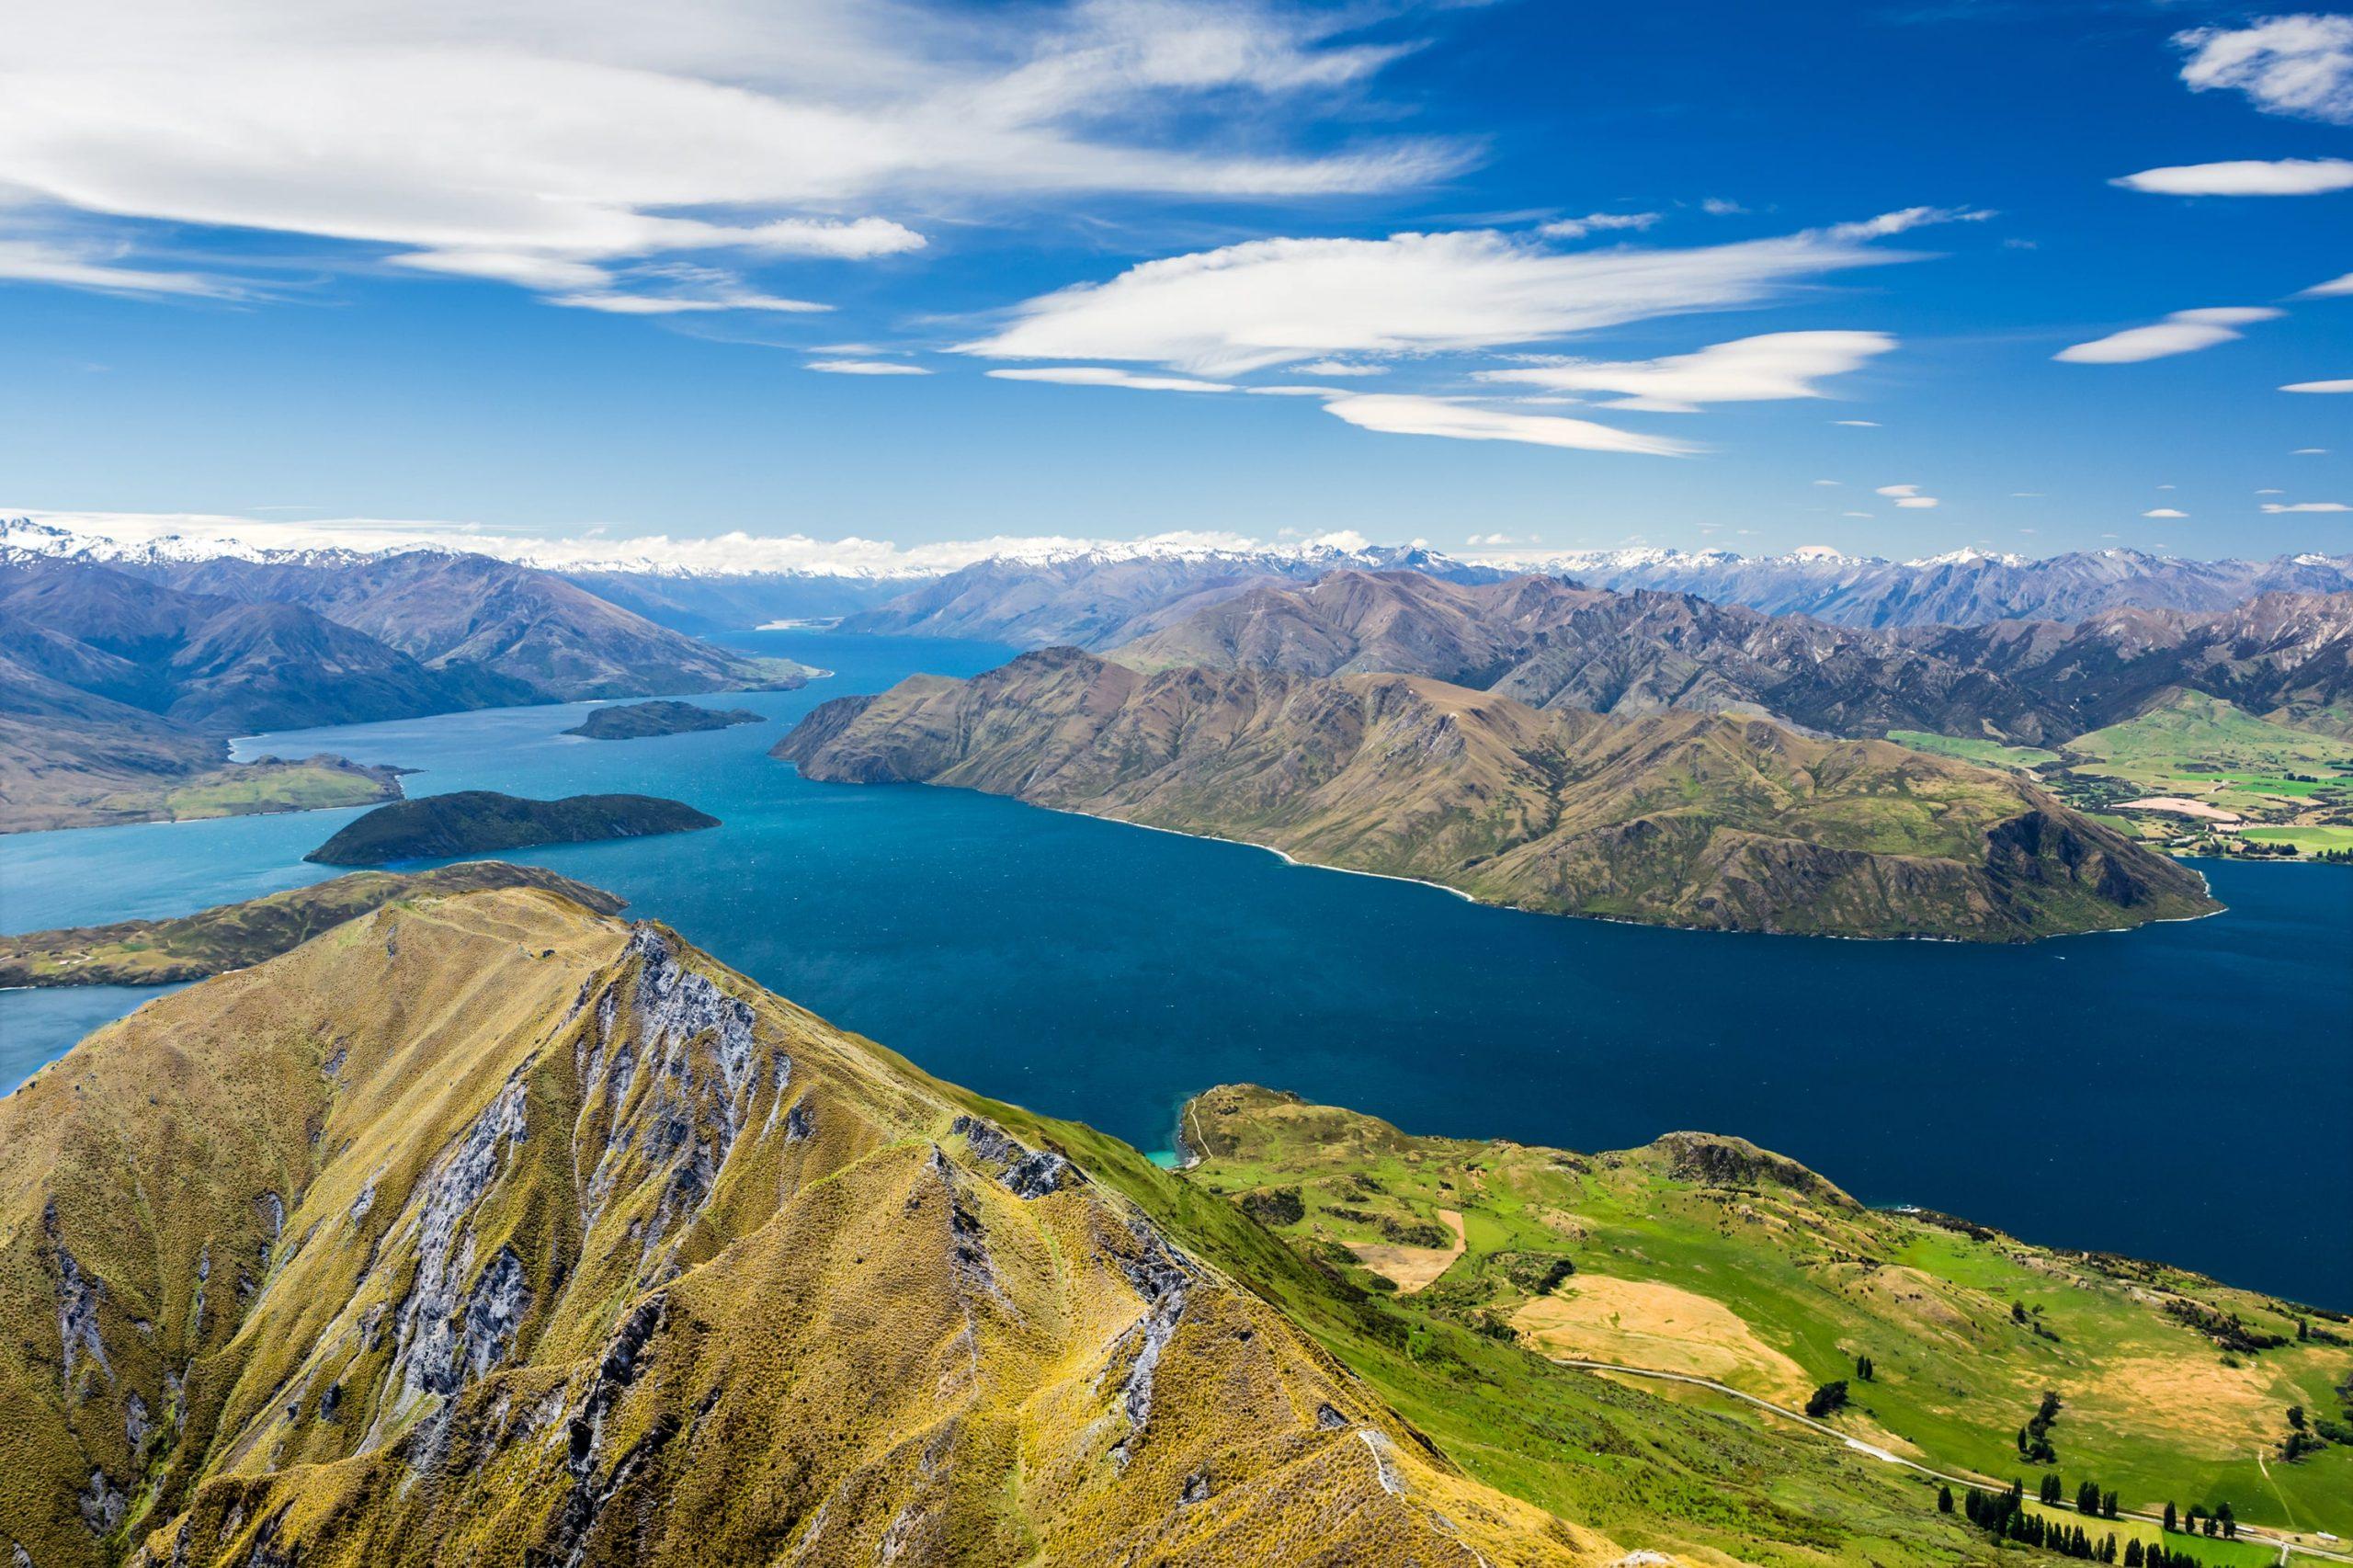 ニュージーランド北島 タウポ湖近郊 タウハラ地区で、工場の定期的な撮影 約2年間